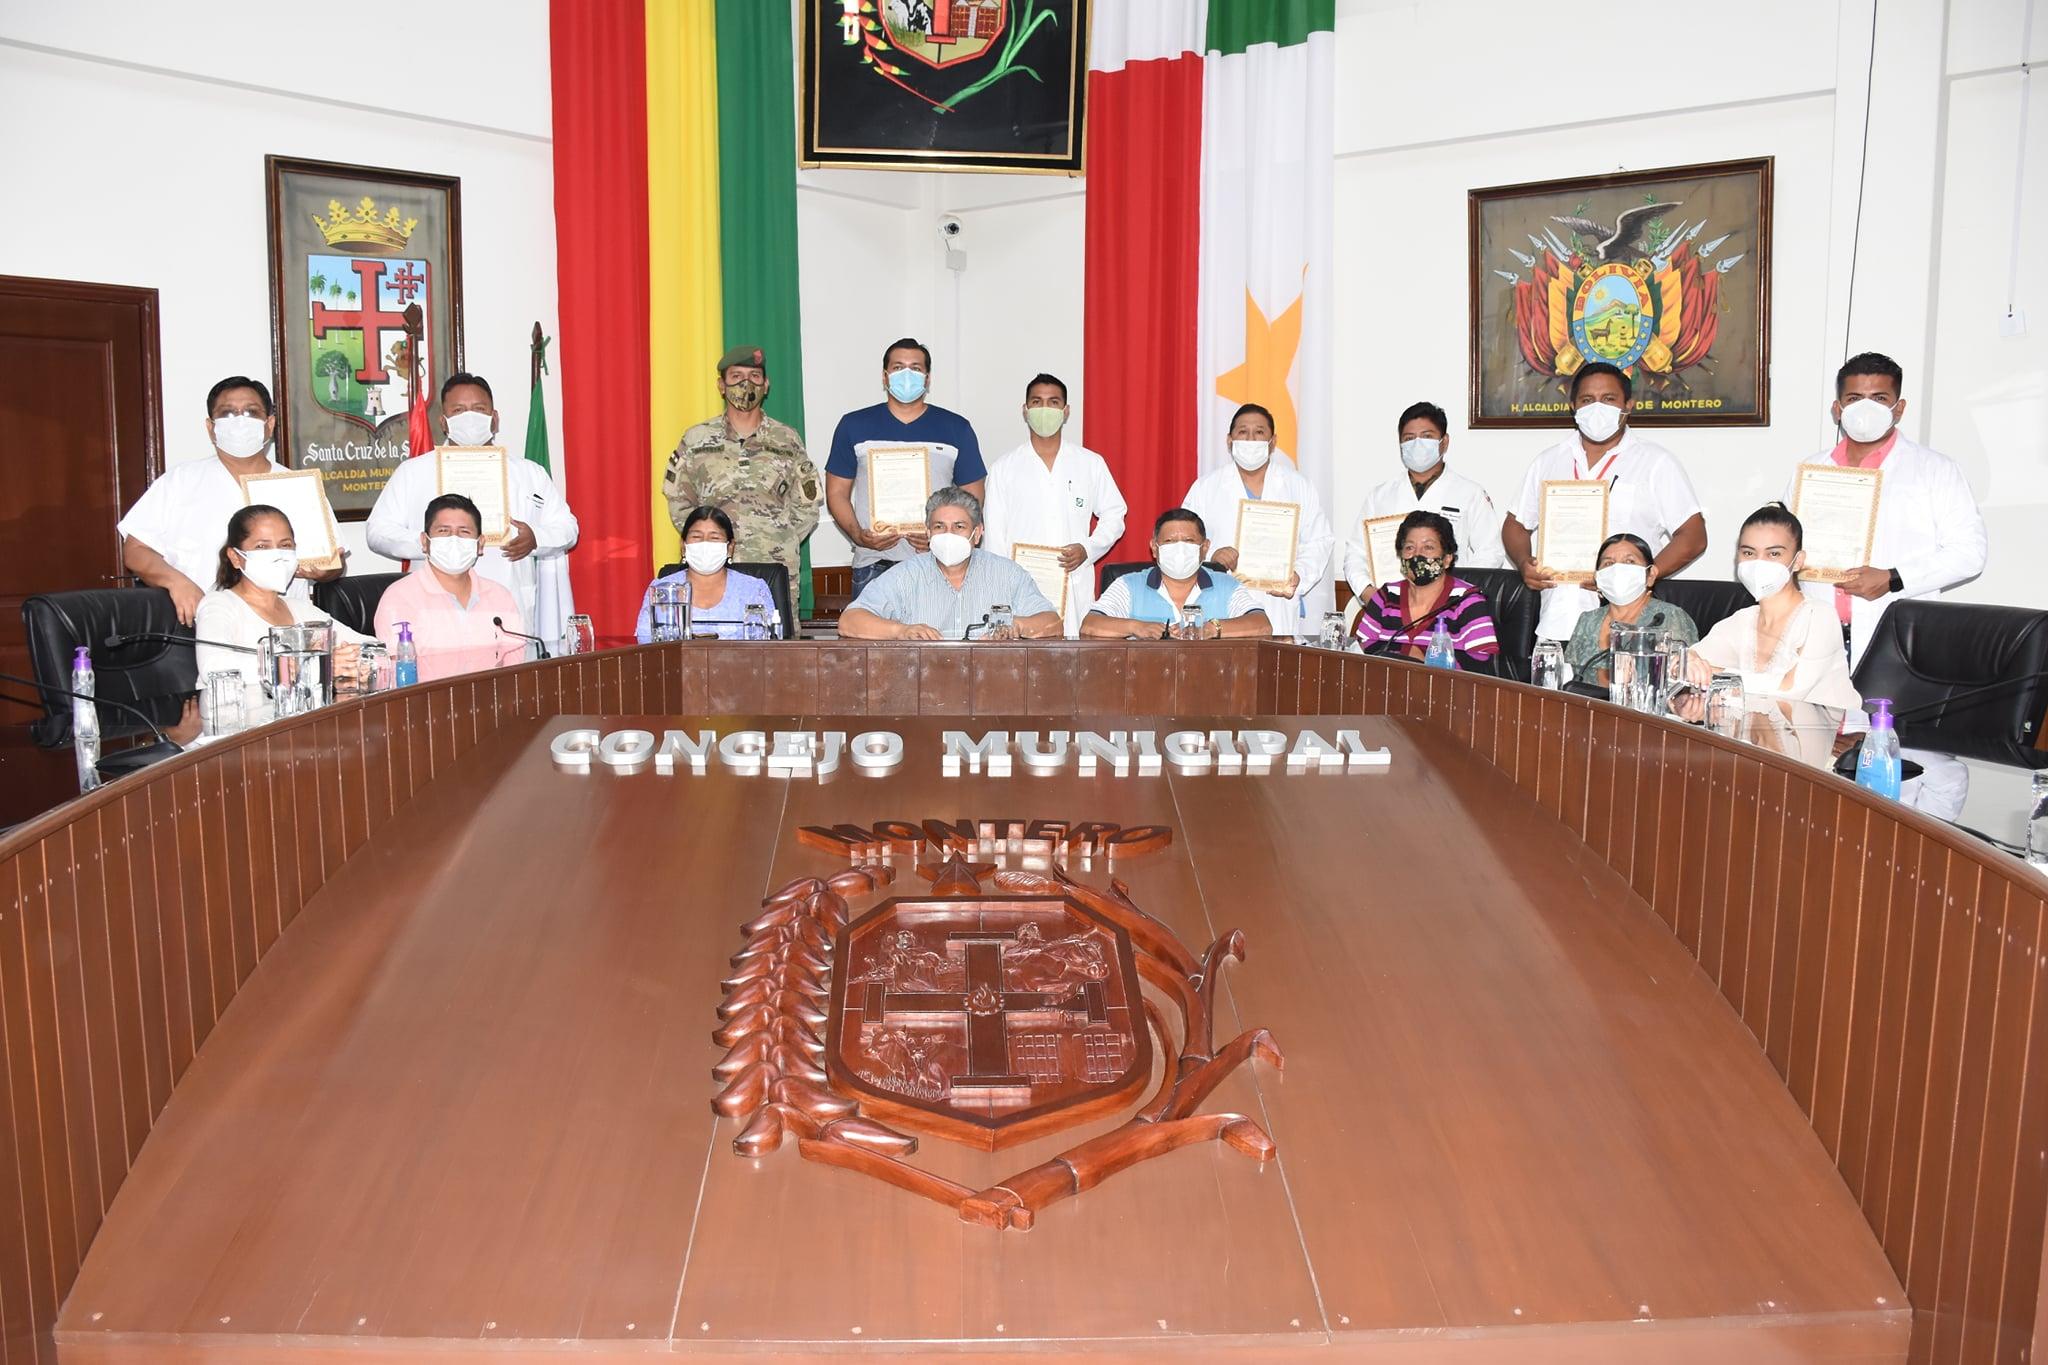 210Años Santa Cruz  Héroes de bata blanca que se destacaron frente a la pandemia del coronavirus reciben reconocimiento en Montero.